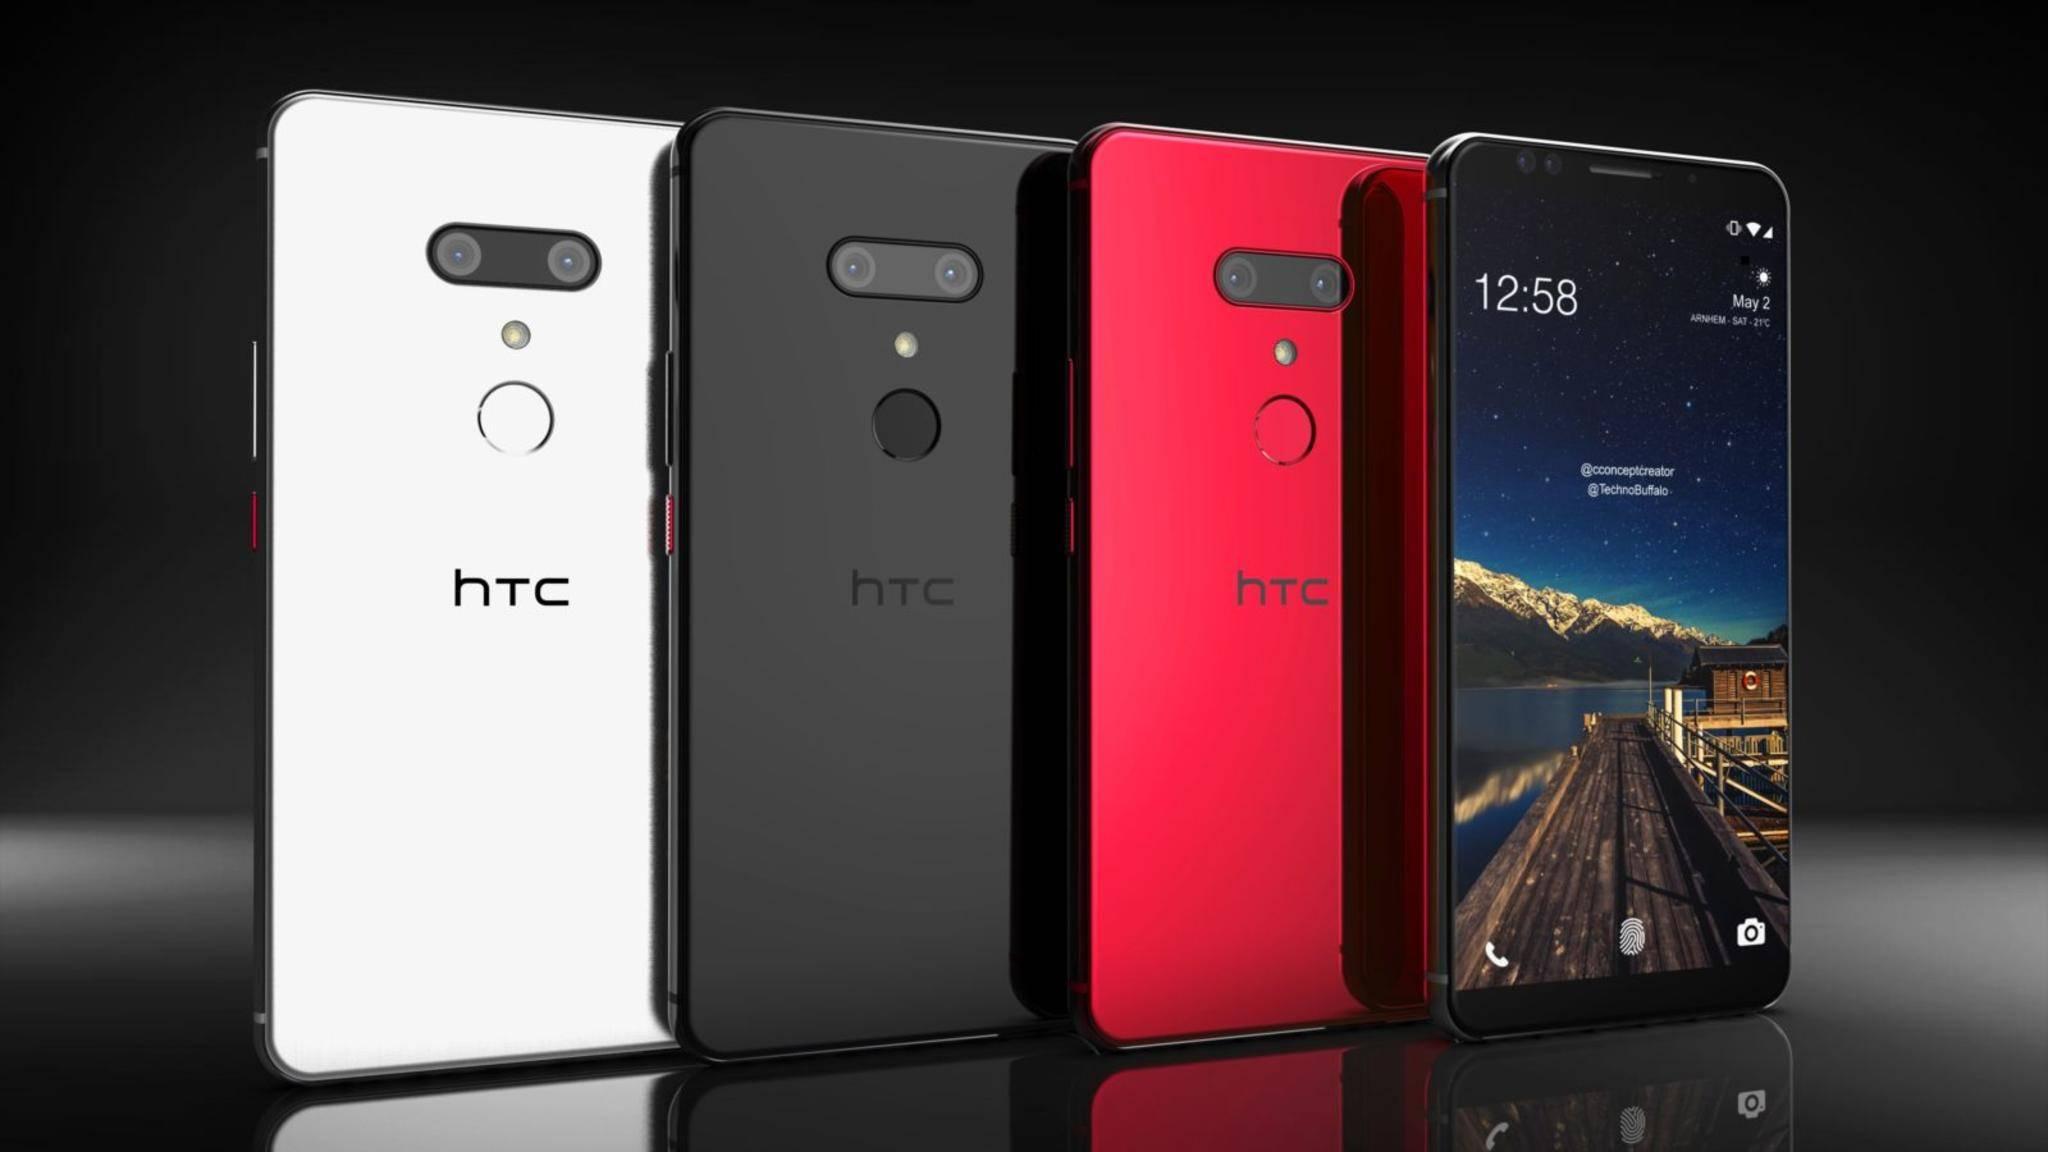 Das HTC U12 Plus (hier ein Konzeptbild) soll das einzige HTC-Flaggschiff von 2018 werden.